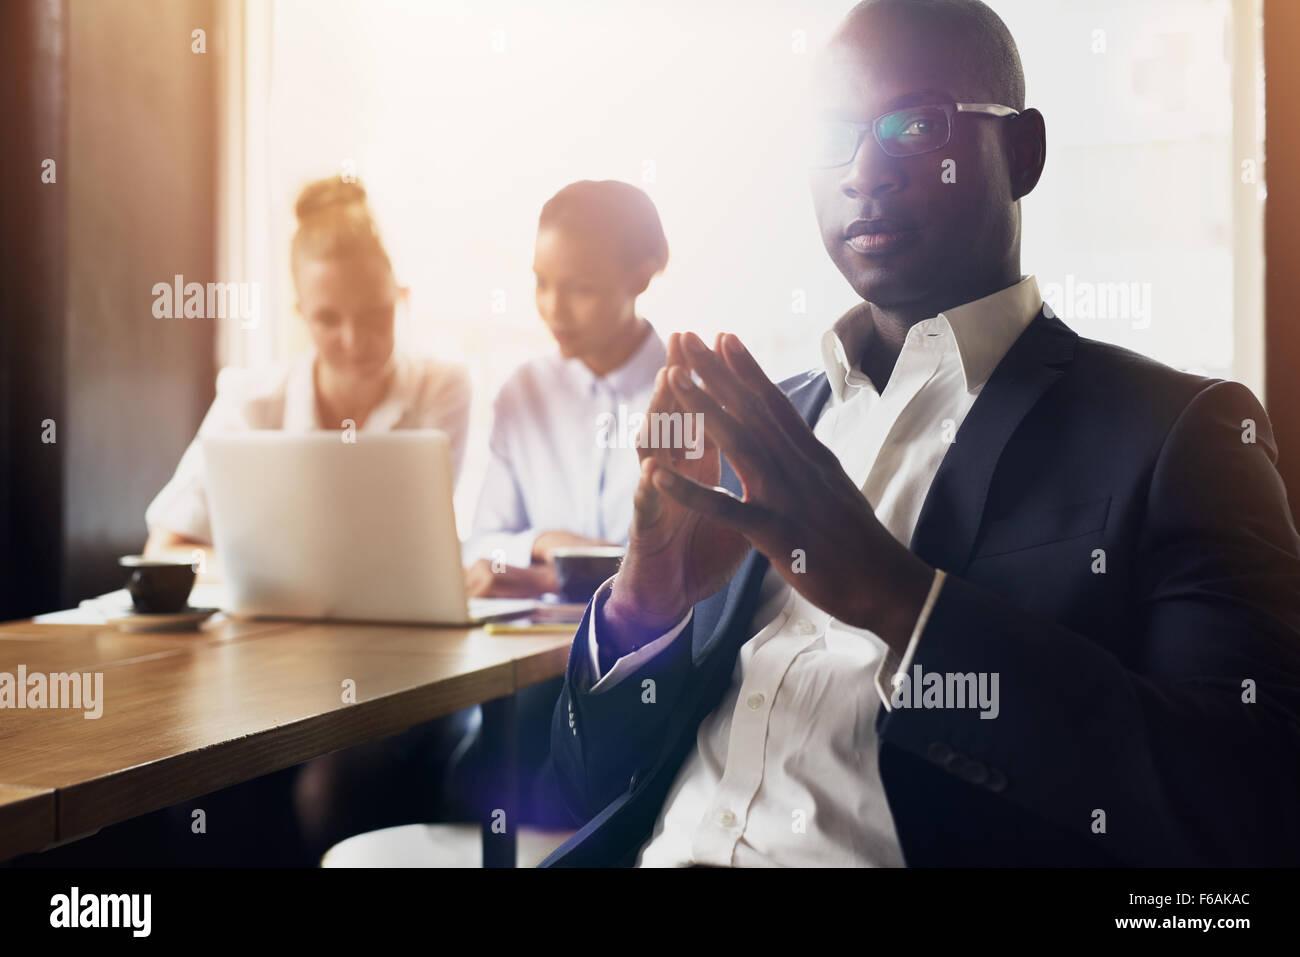 L'homme d'affaires noir grave assis en face de ses employés au bureau Photo Stock